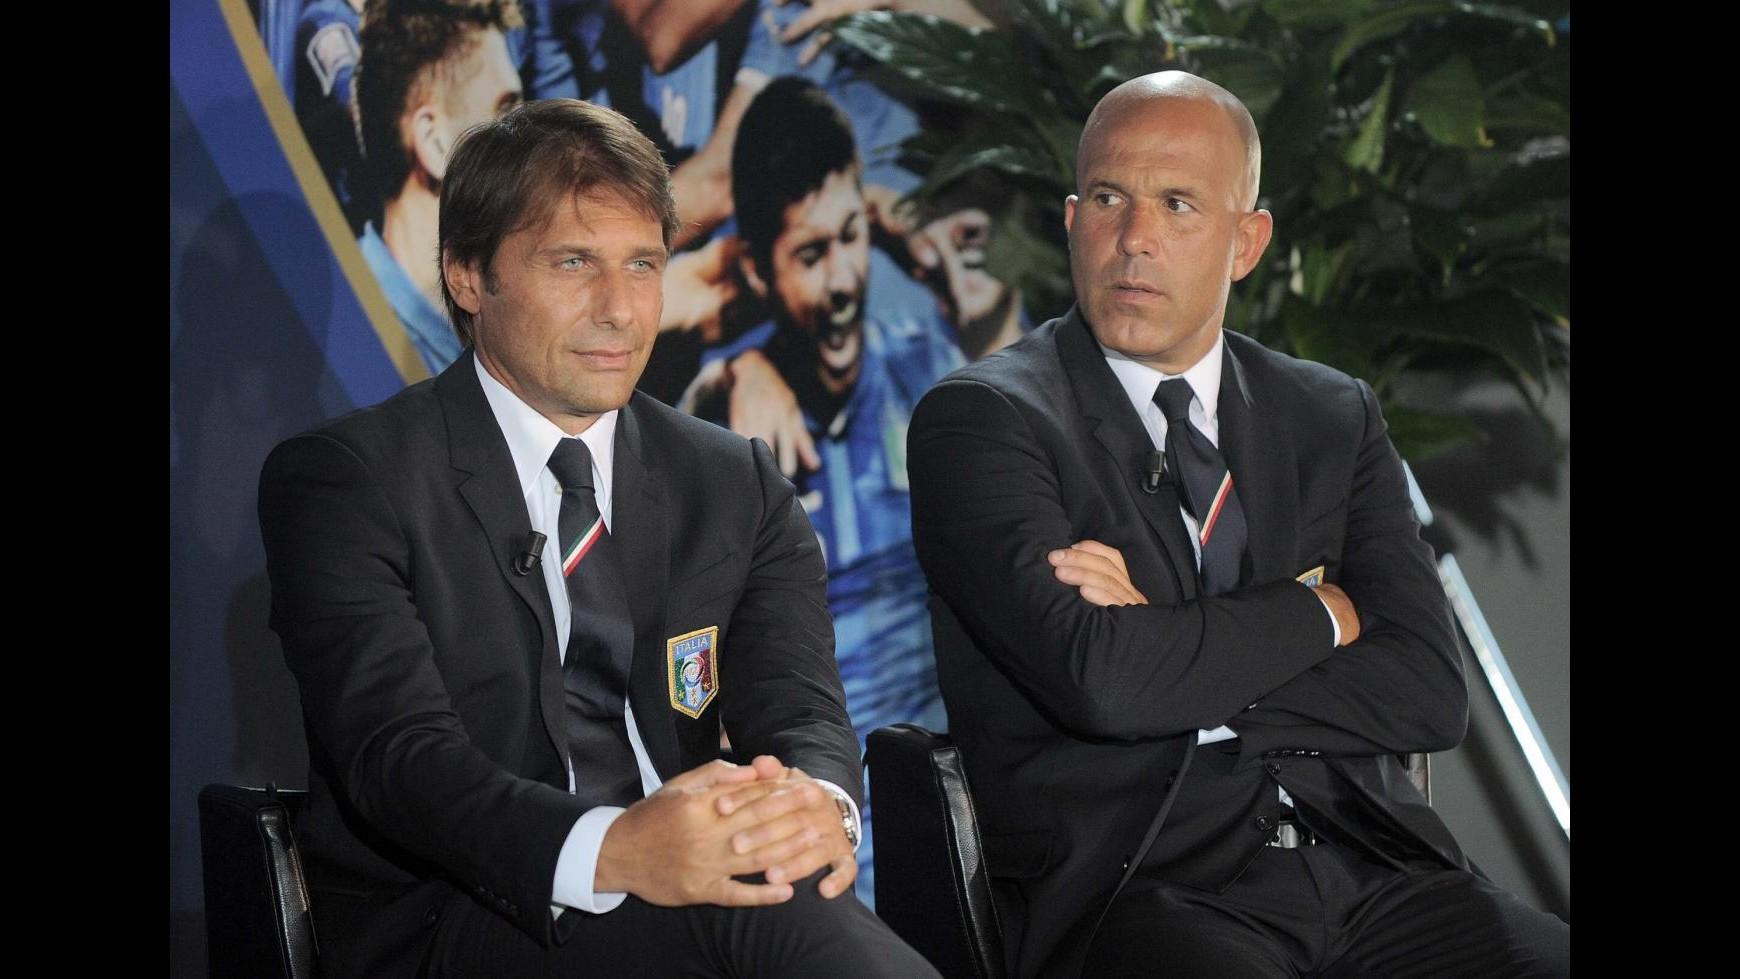 Calcio, Di Biagio avverte l'Under 21: Non sarà Slovenia di un mese fa